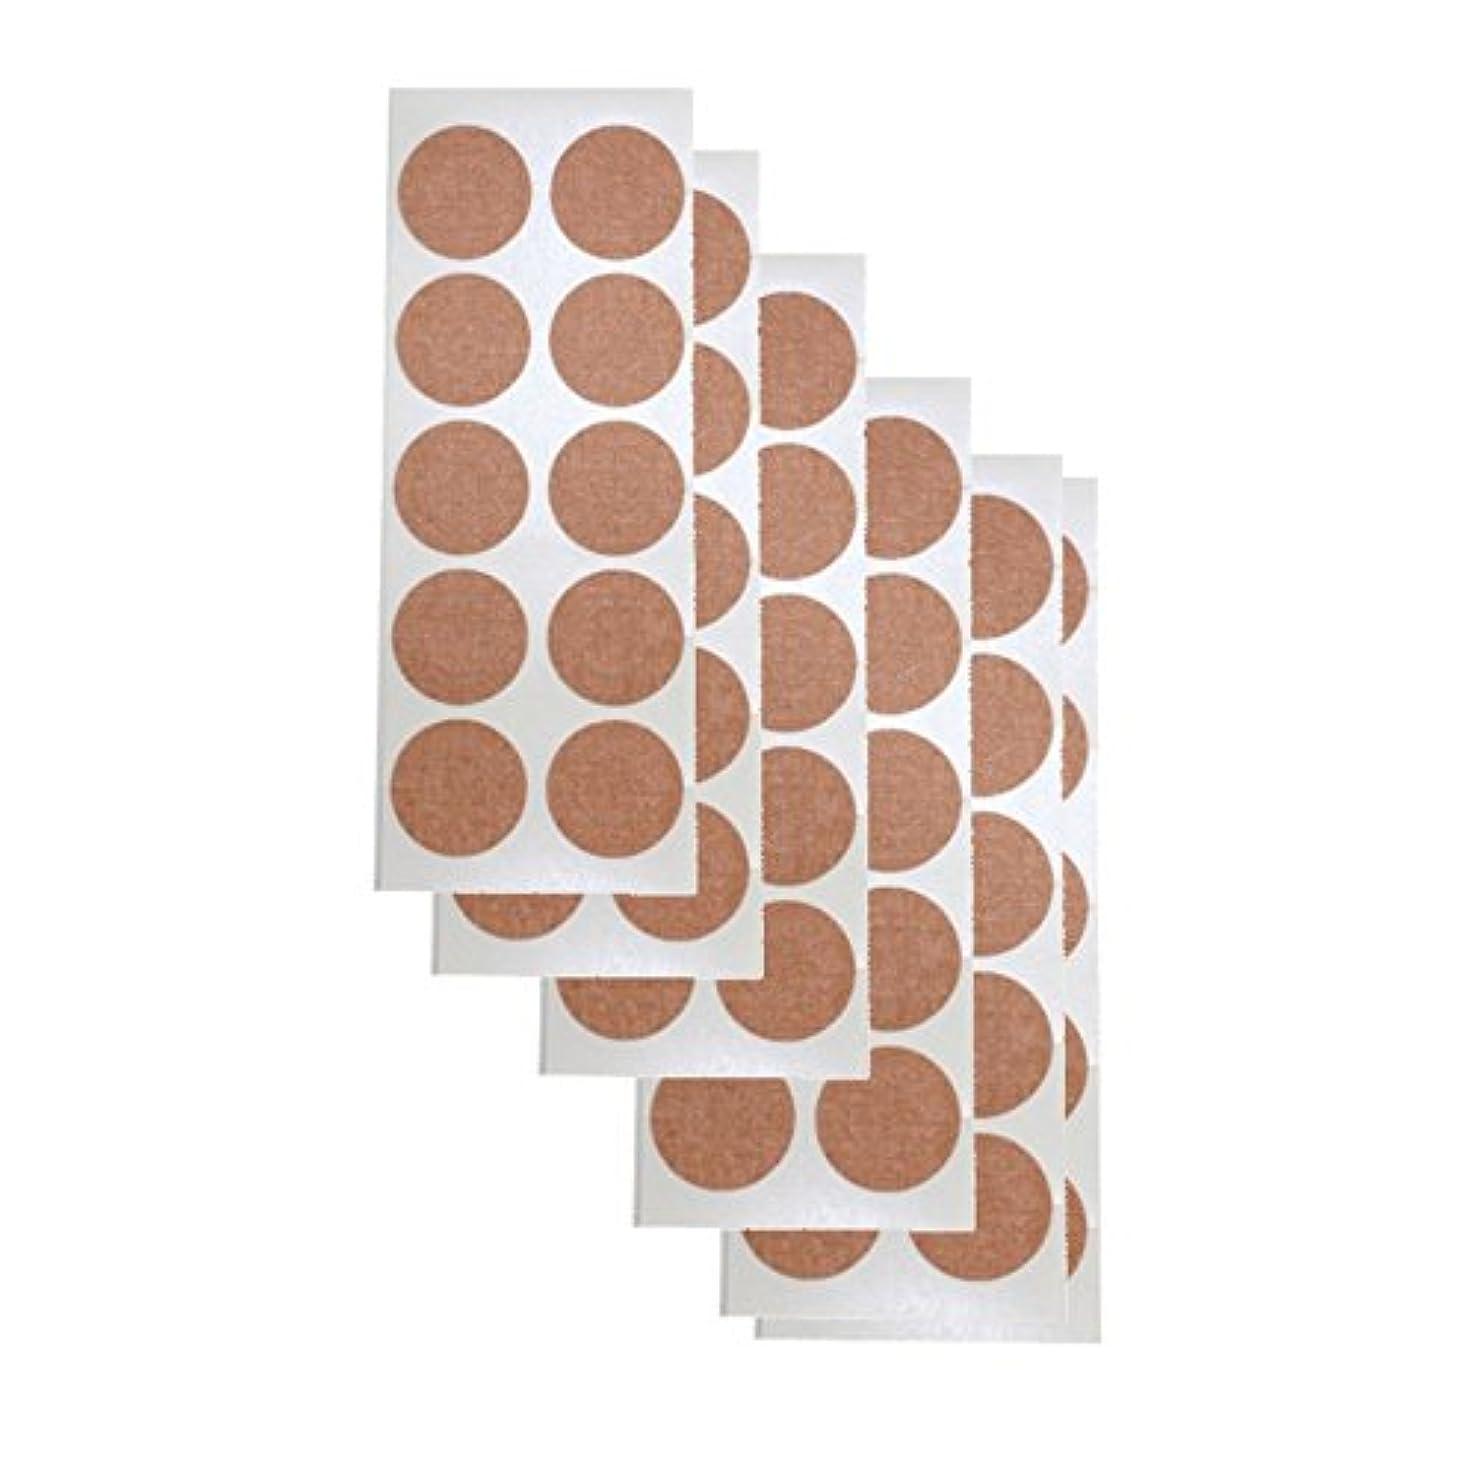 人工的な詩人引き受けるTQチップ 貼り替え用専用シール 効果は半永久的!貼っただけで心身のバランスがとれるTQチップ専用